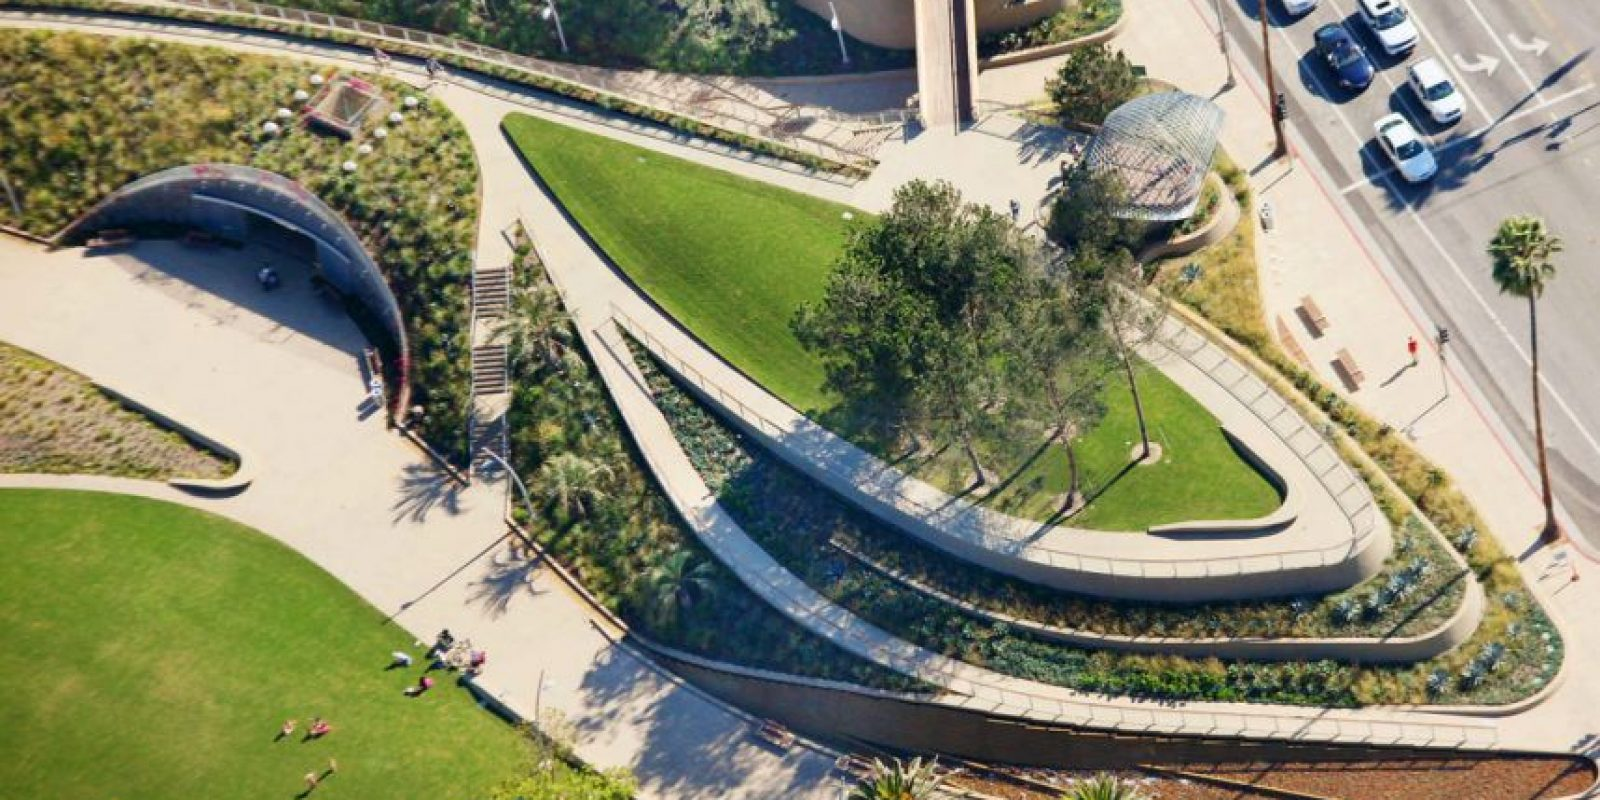 Categoría: Parques públicos Foto:Vía Architizer/Joakim Lloyd Raboff, Angie Smith